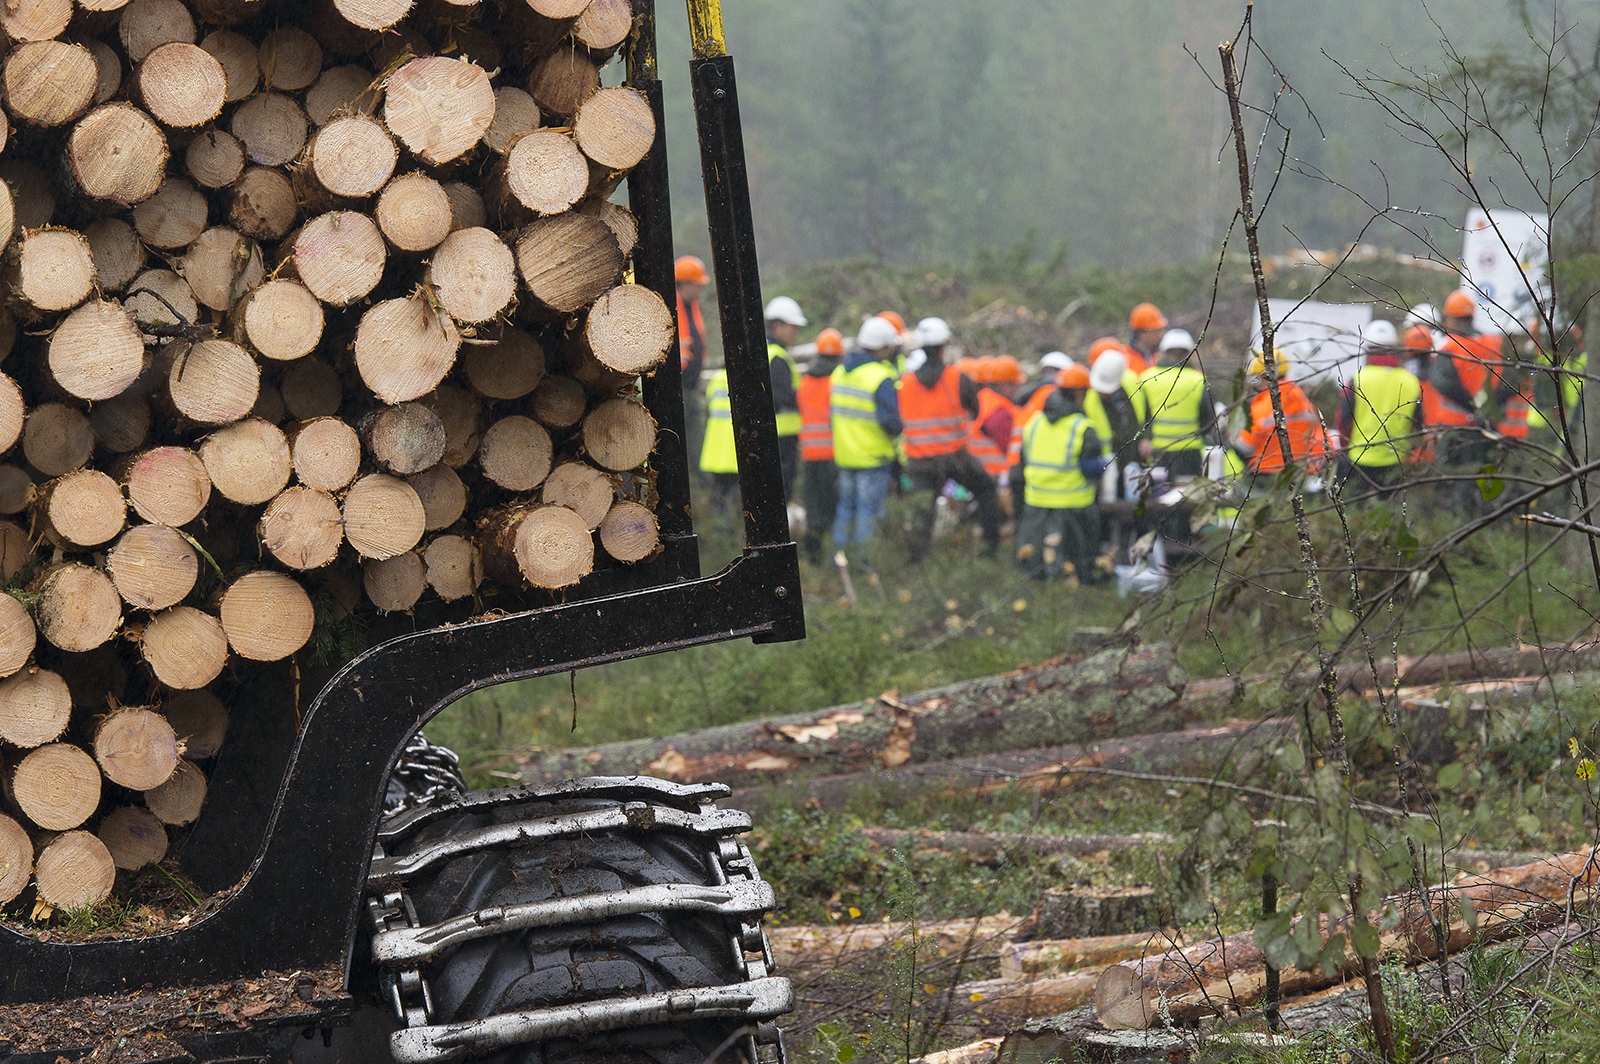 Suomalaiselle metsäosaamiselle on runsaasti kysyntää. Kuva: Saku Ruusila